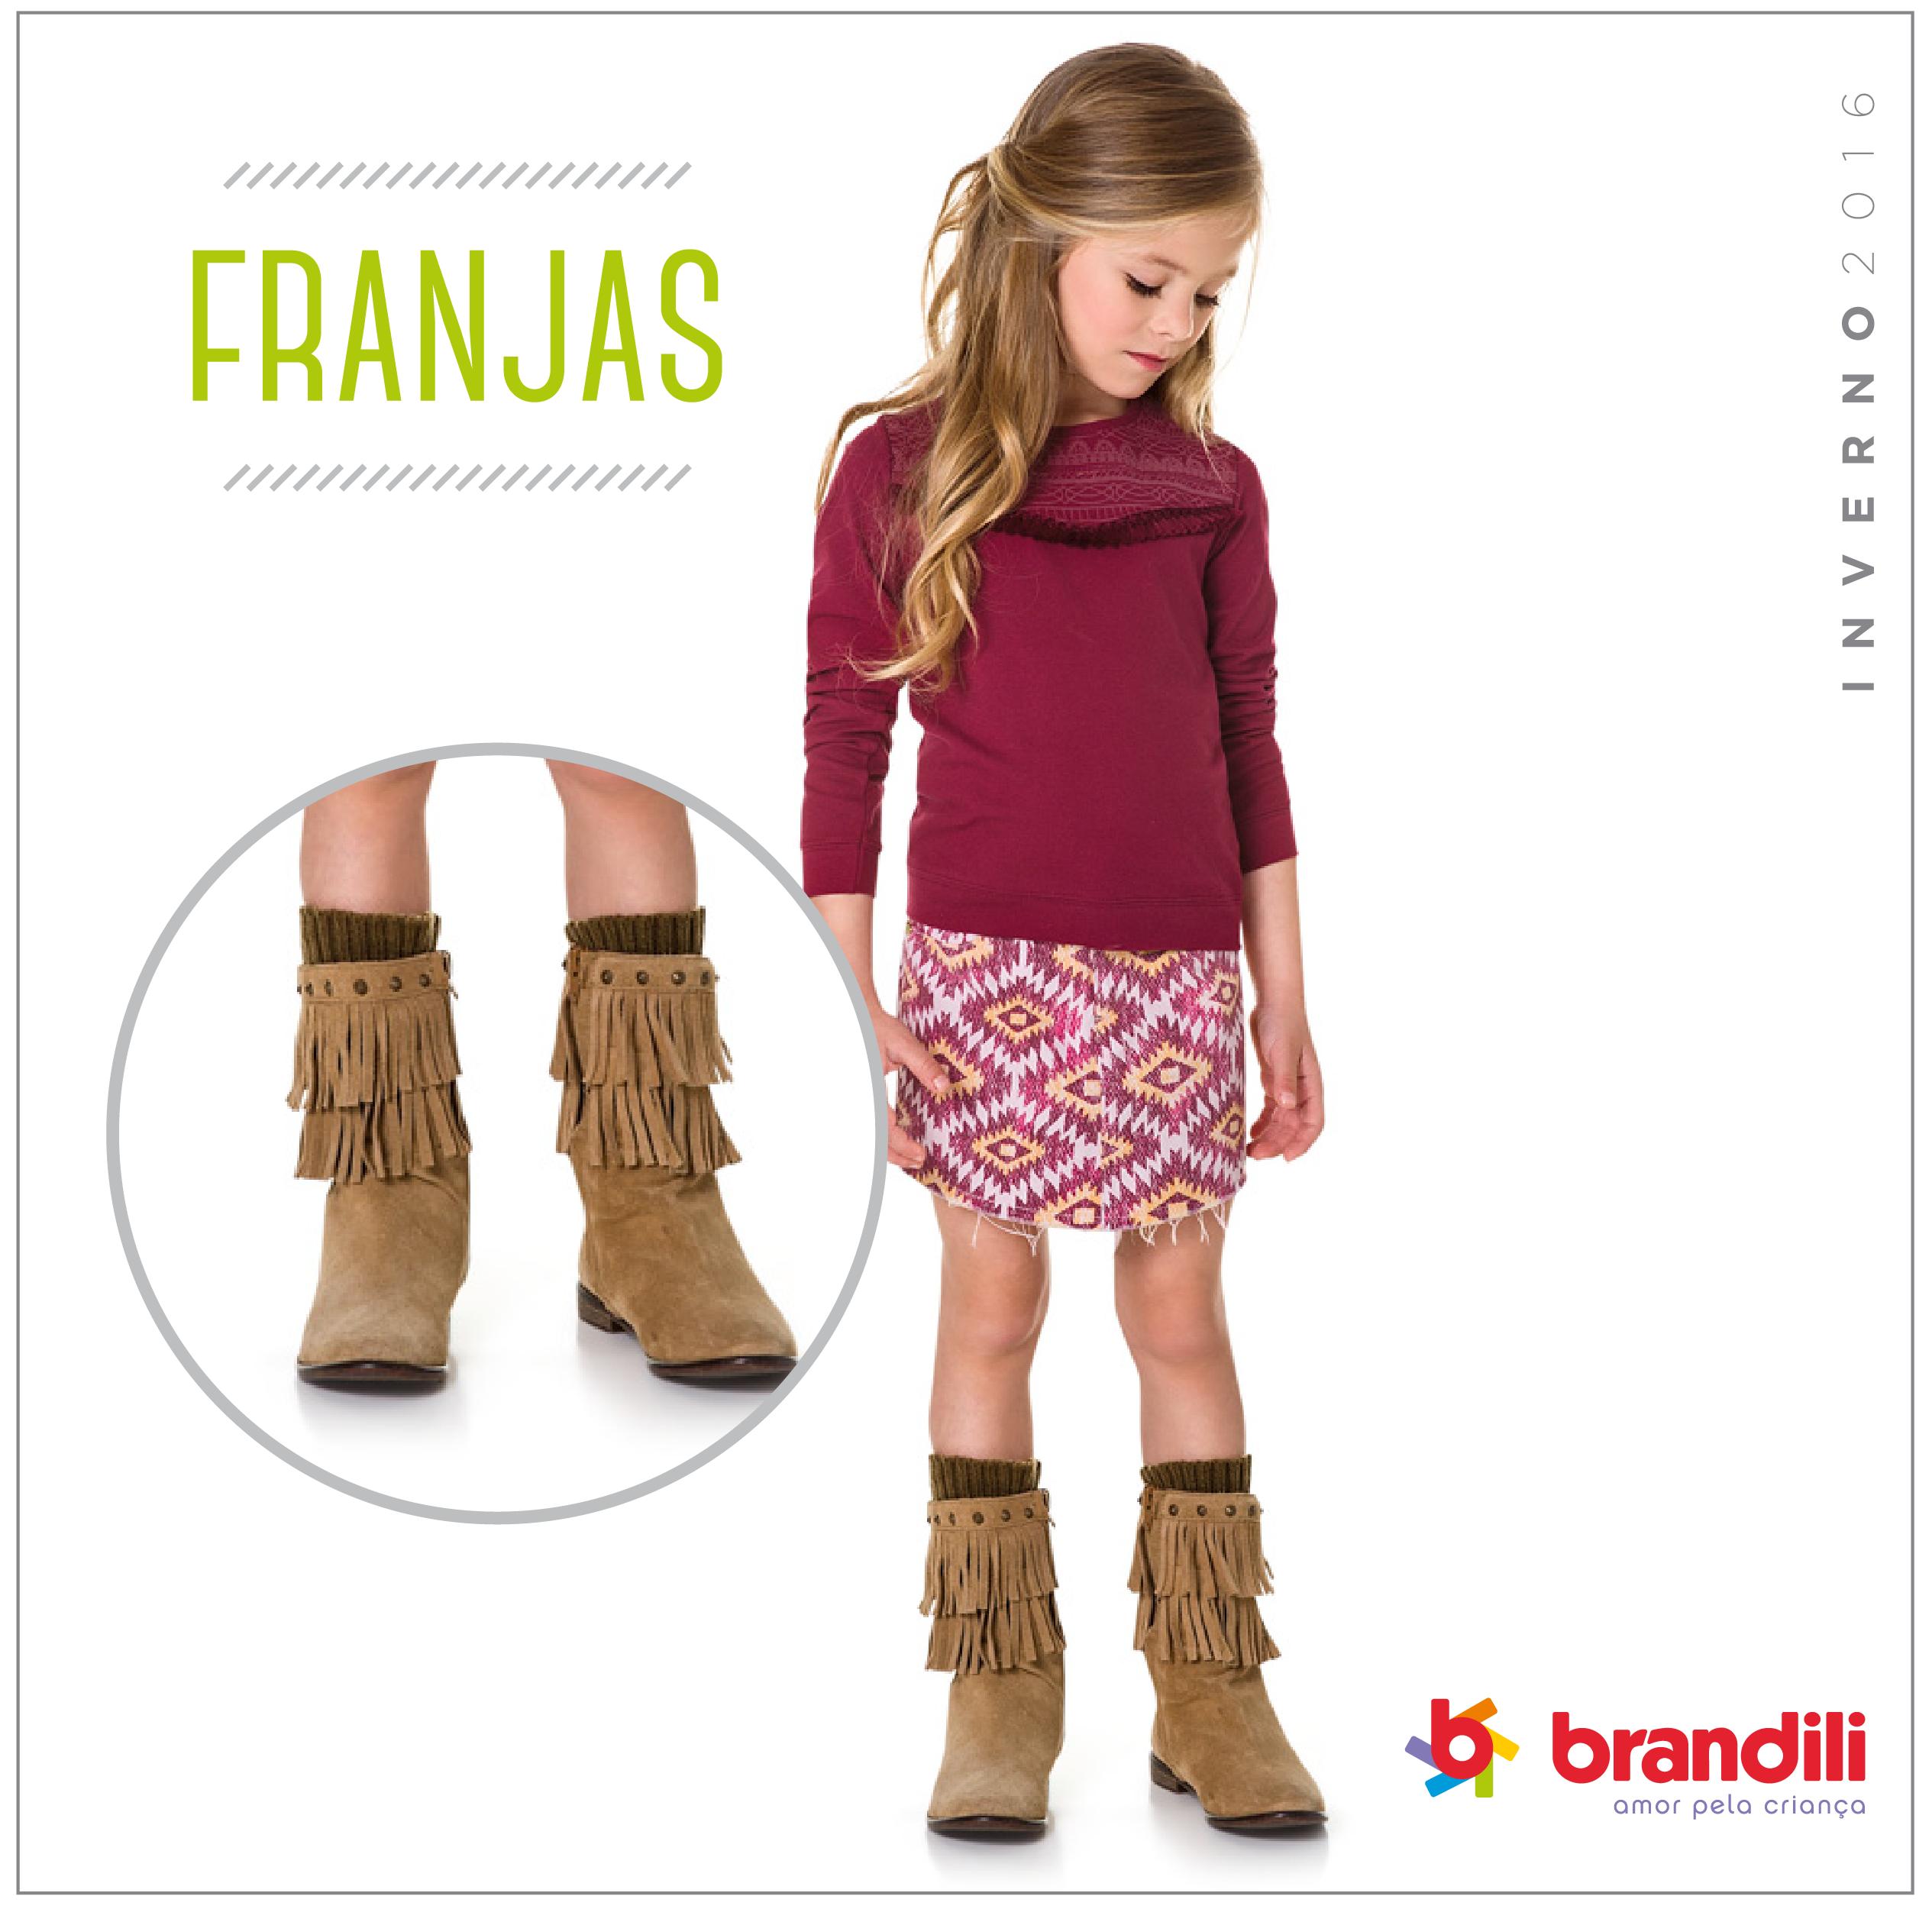 Franjas: movimento e estilo nos looks das pequenas